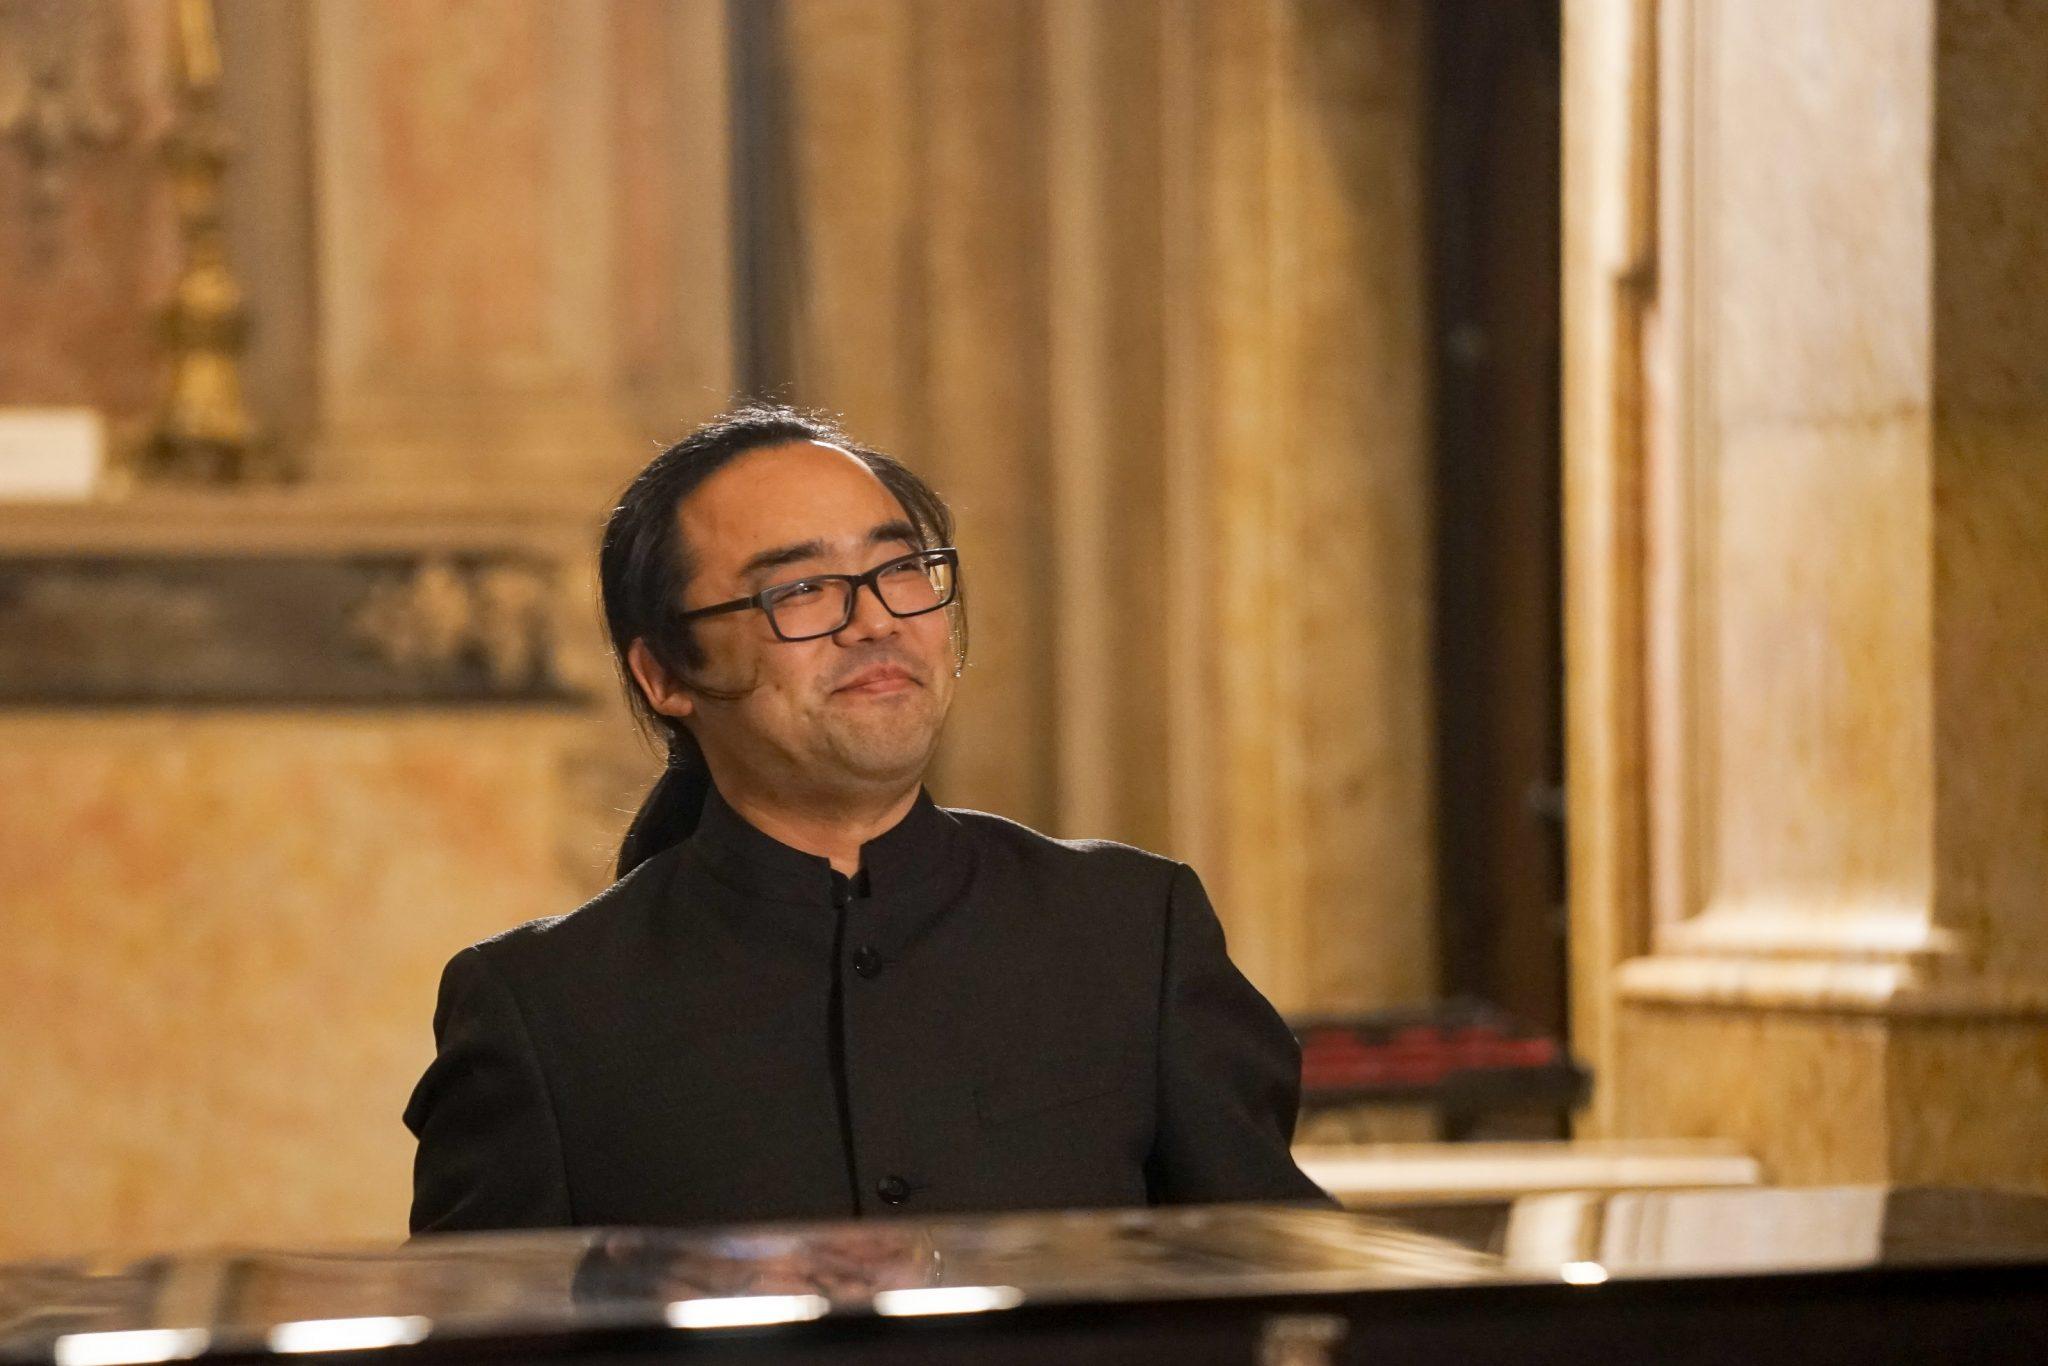 Homem, de traços asiáticos, sentado ao piano